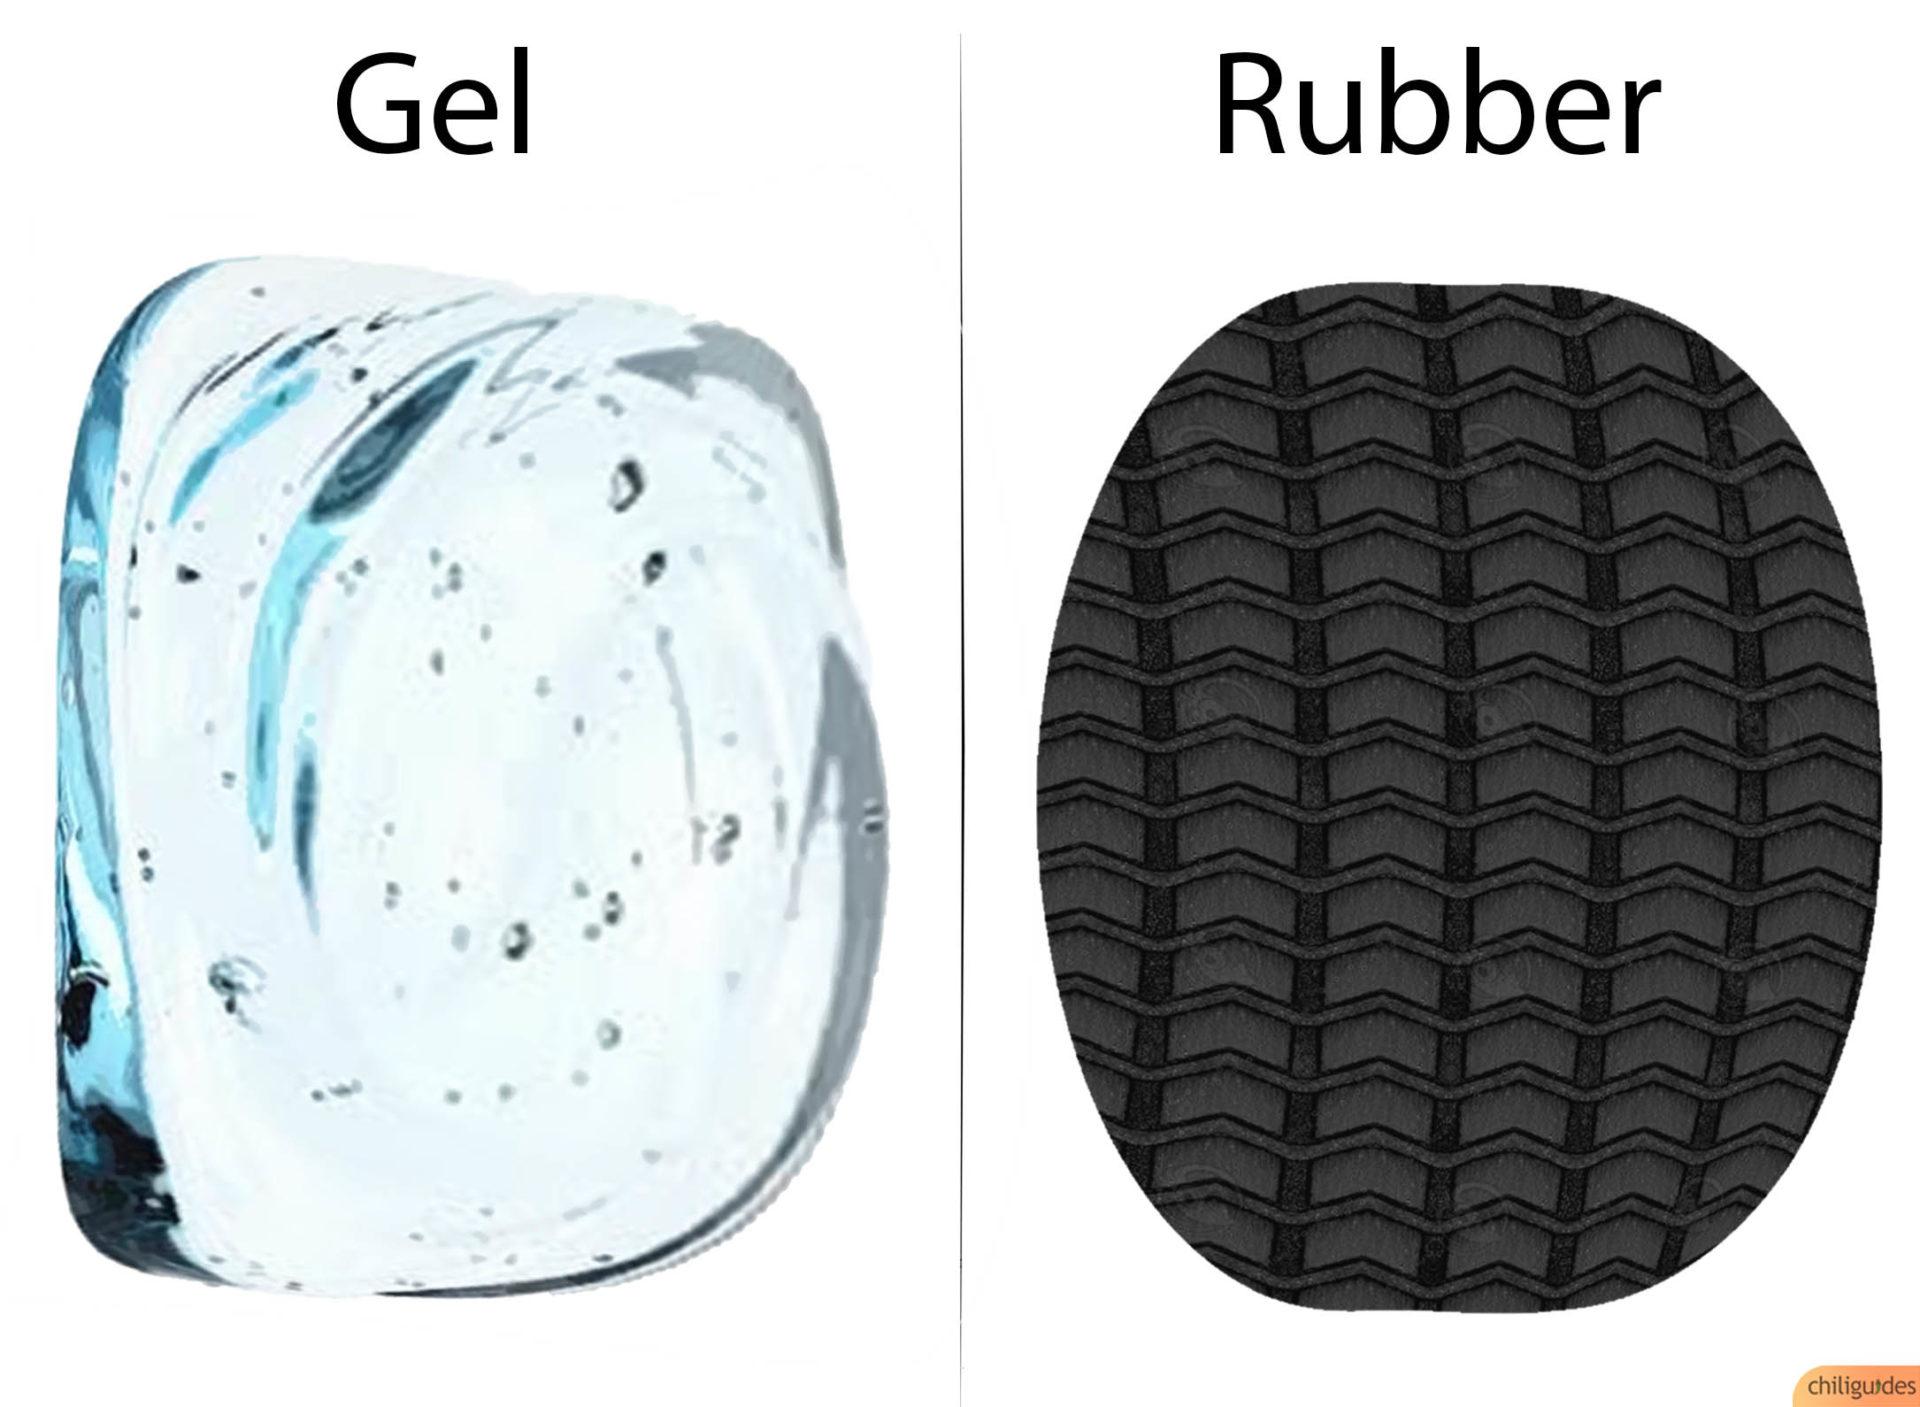 Gel vs. Rubber